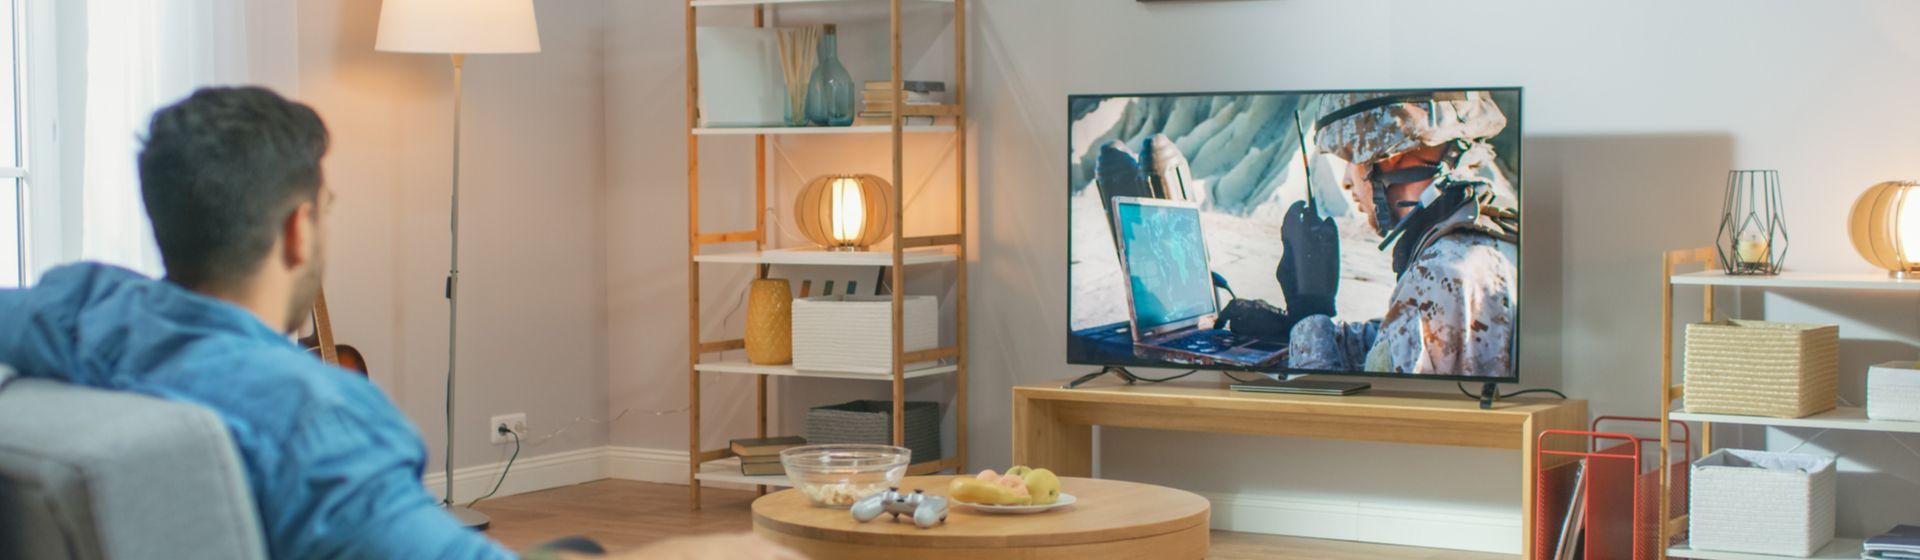 TV usada: vale a pena? Saiba o que considerar na hora da compra